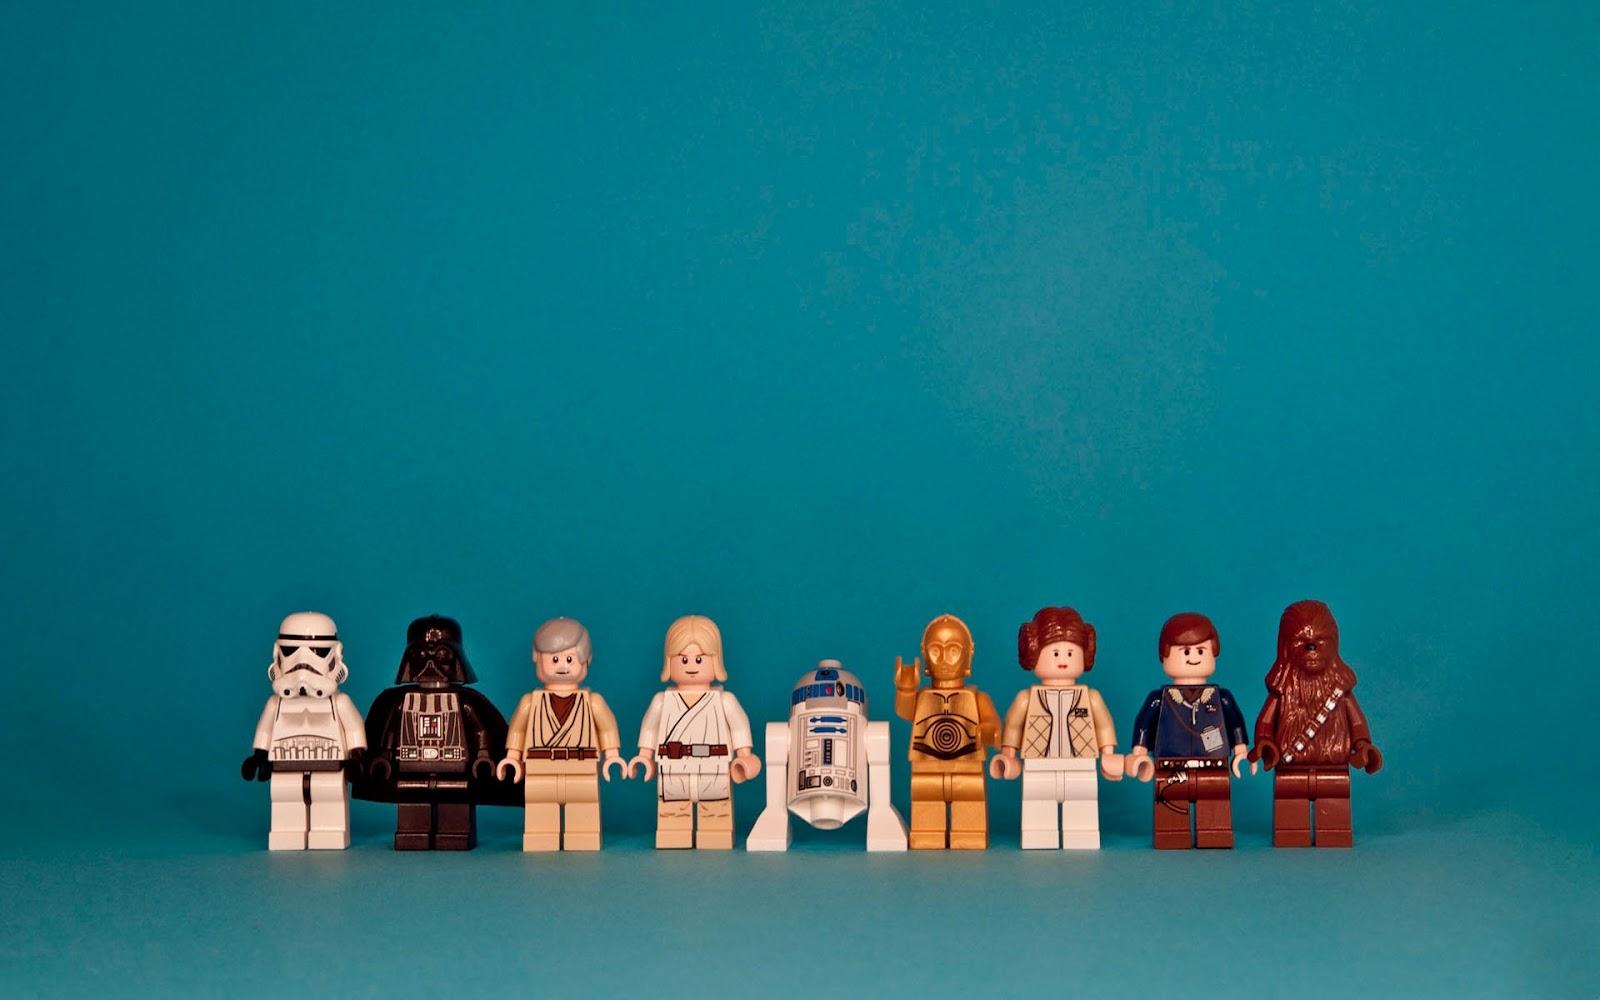 http://2.bp.blogspot.com/-Cn5Iuox_rBg/T7u8xwARB_I/AAAAAAAABtg/tkc3sNlOPXQ/s1600/Lego_Star_Wars_Characters_HD_Desktop_Wallpaper.jpg